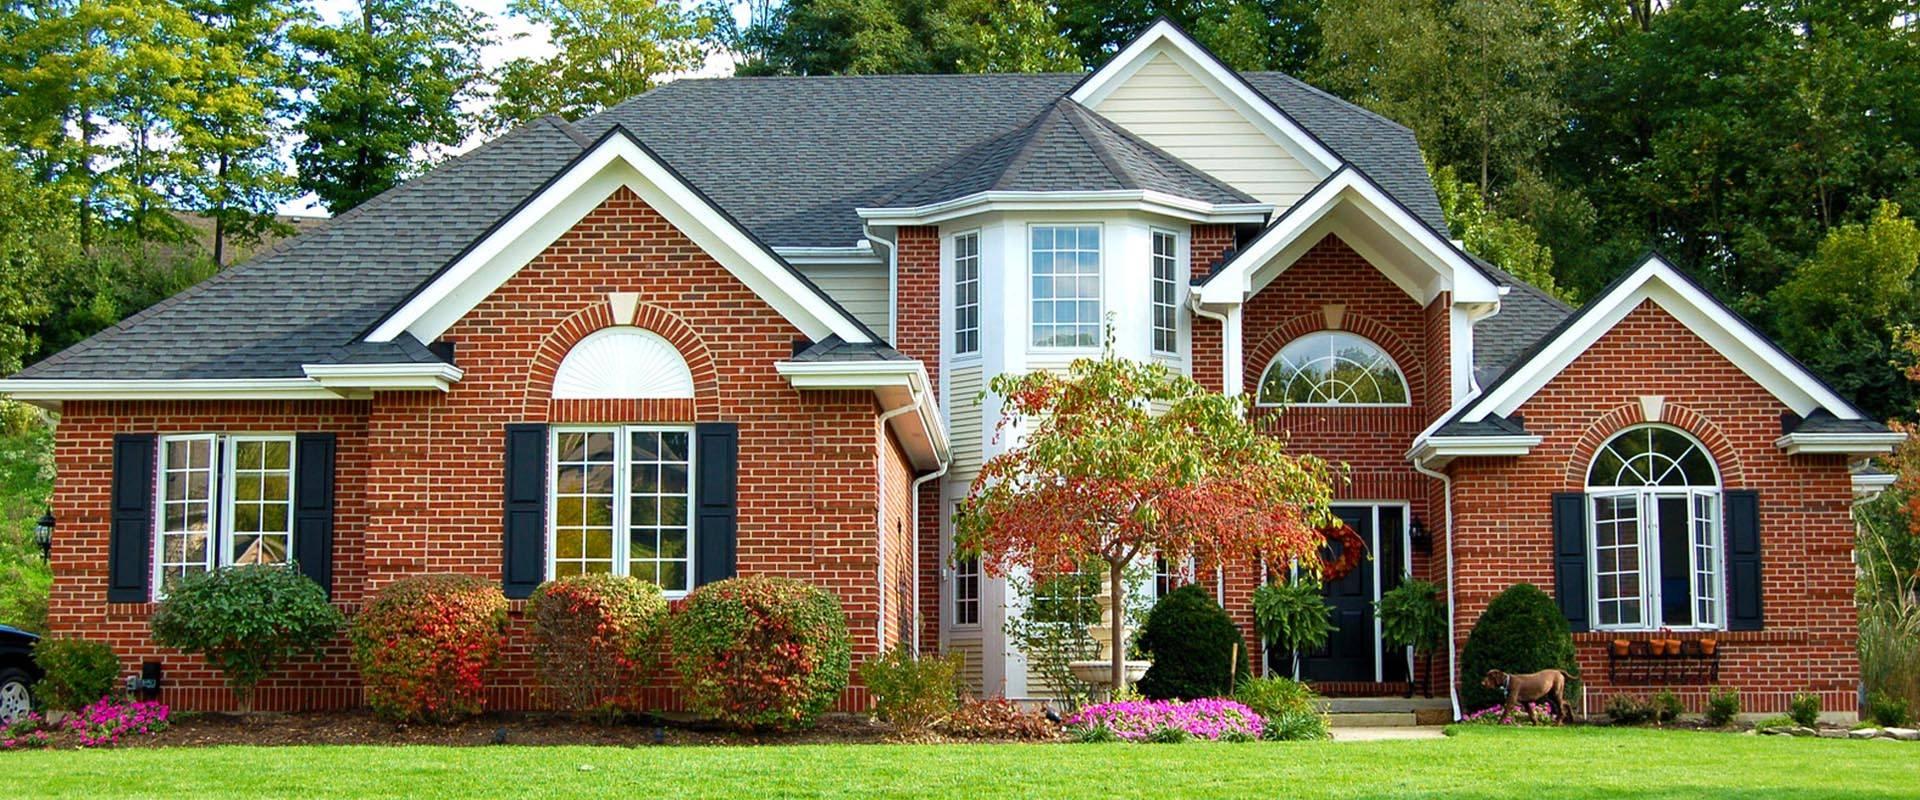 Boise Idaho Real Estate Homes Sale